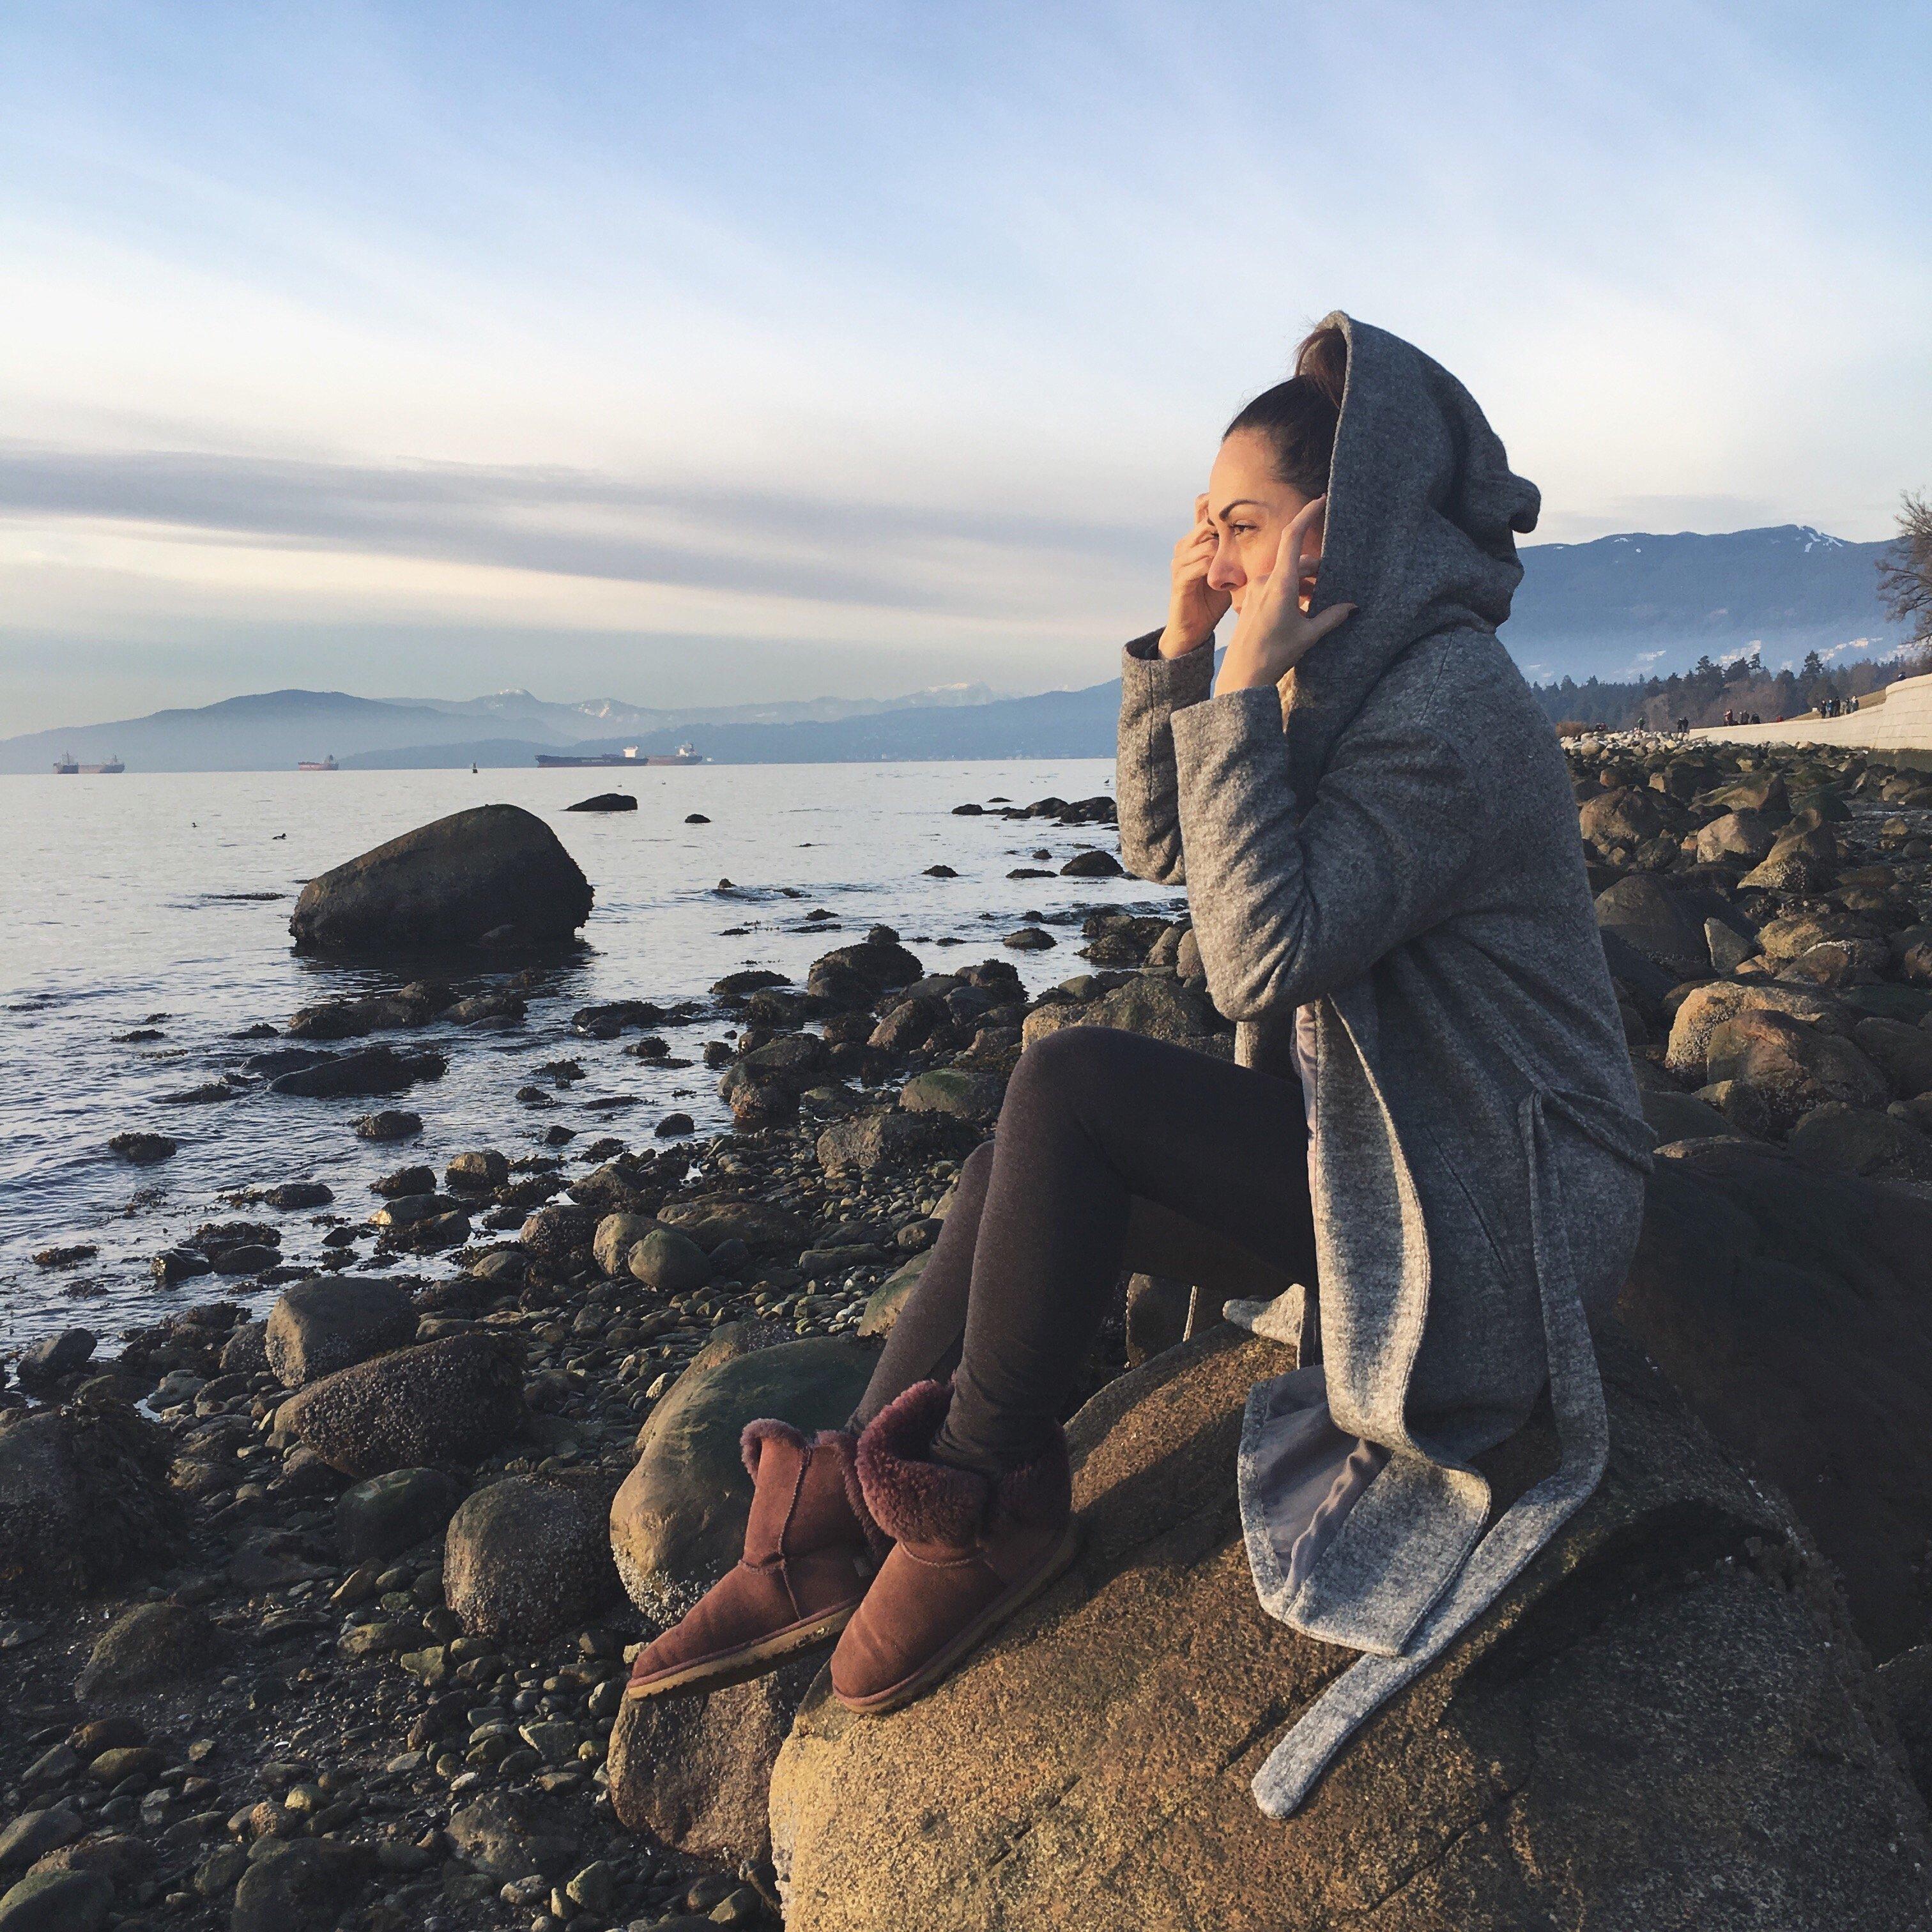 Mulher sentada em uma rocha na praia segurando a touca do sobretudo